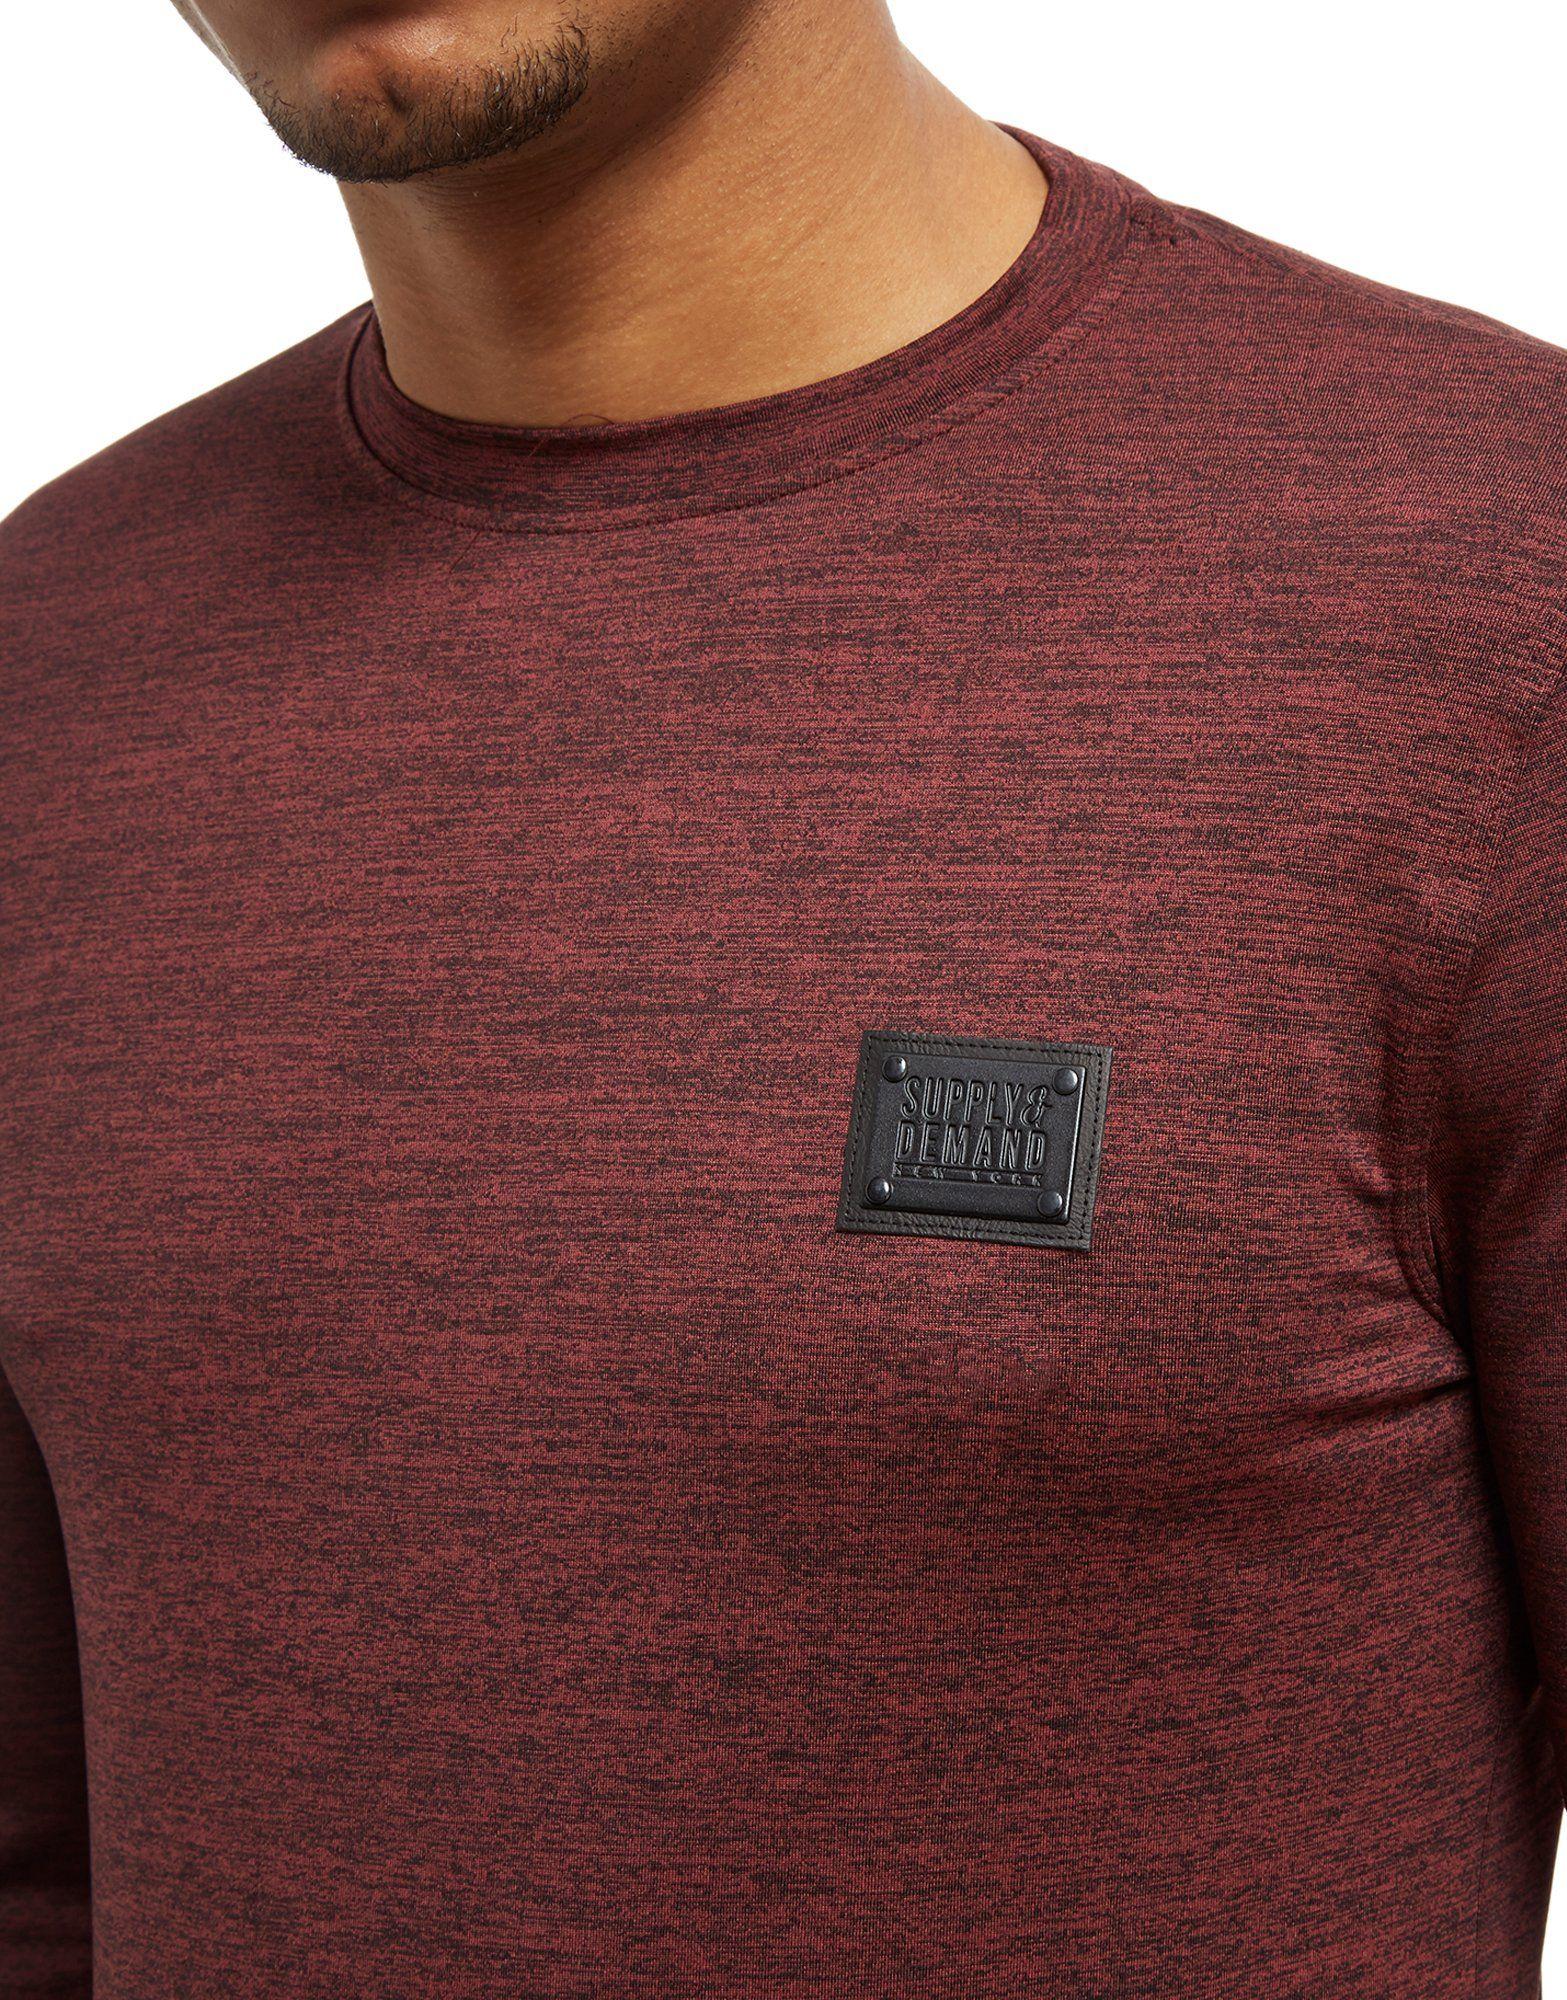 Hendrick T Supply amp; Supply Langarm Demand Shirt Truffle Truffle amp; Demand Rot Hendrick gpvqdg